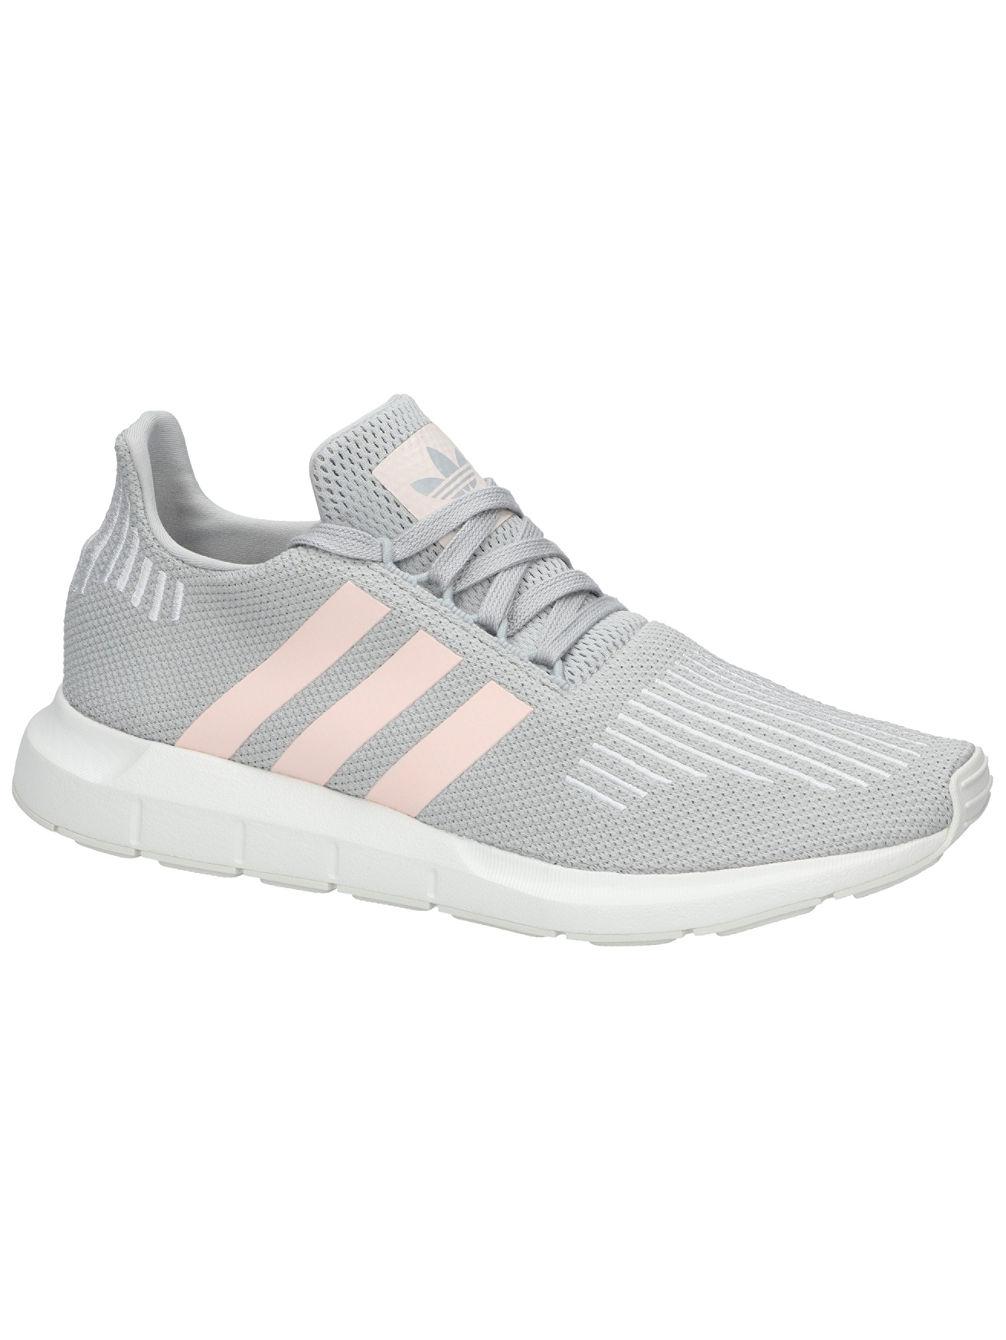 online store 71a5d 8d397 Swift Run W Tennarit Women. adidas Originals